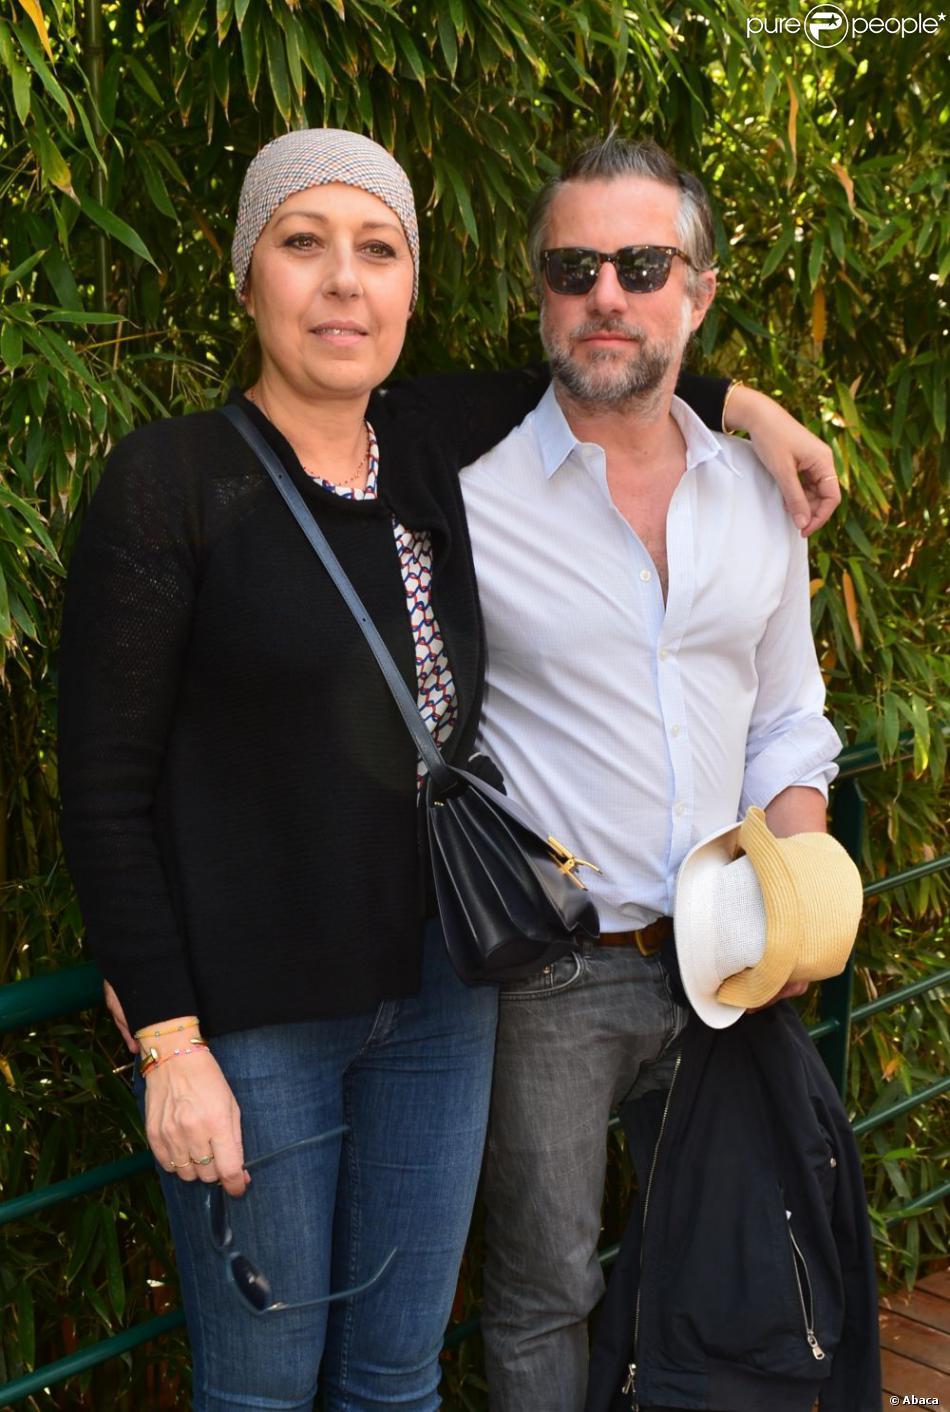 Valerie benguigui et son mari au village roland garros lors de la 11e journ e des internatinaux - Valerie damidot et son mari ...